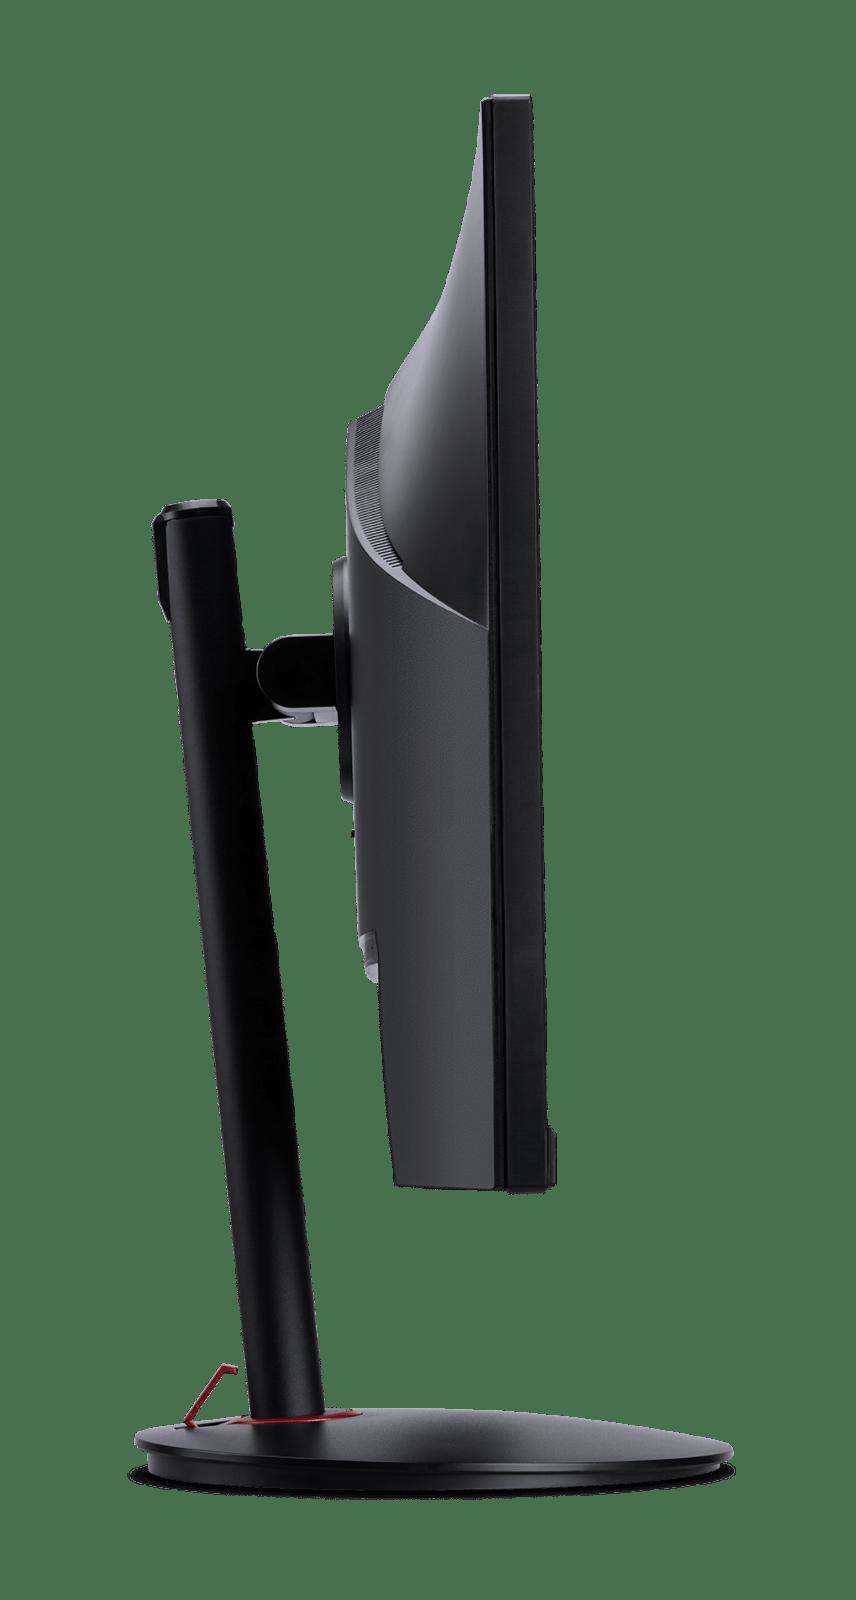 Acer запустила игровой монитор Nitro XV252QZ в России (acer nitro monitor xv2)